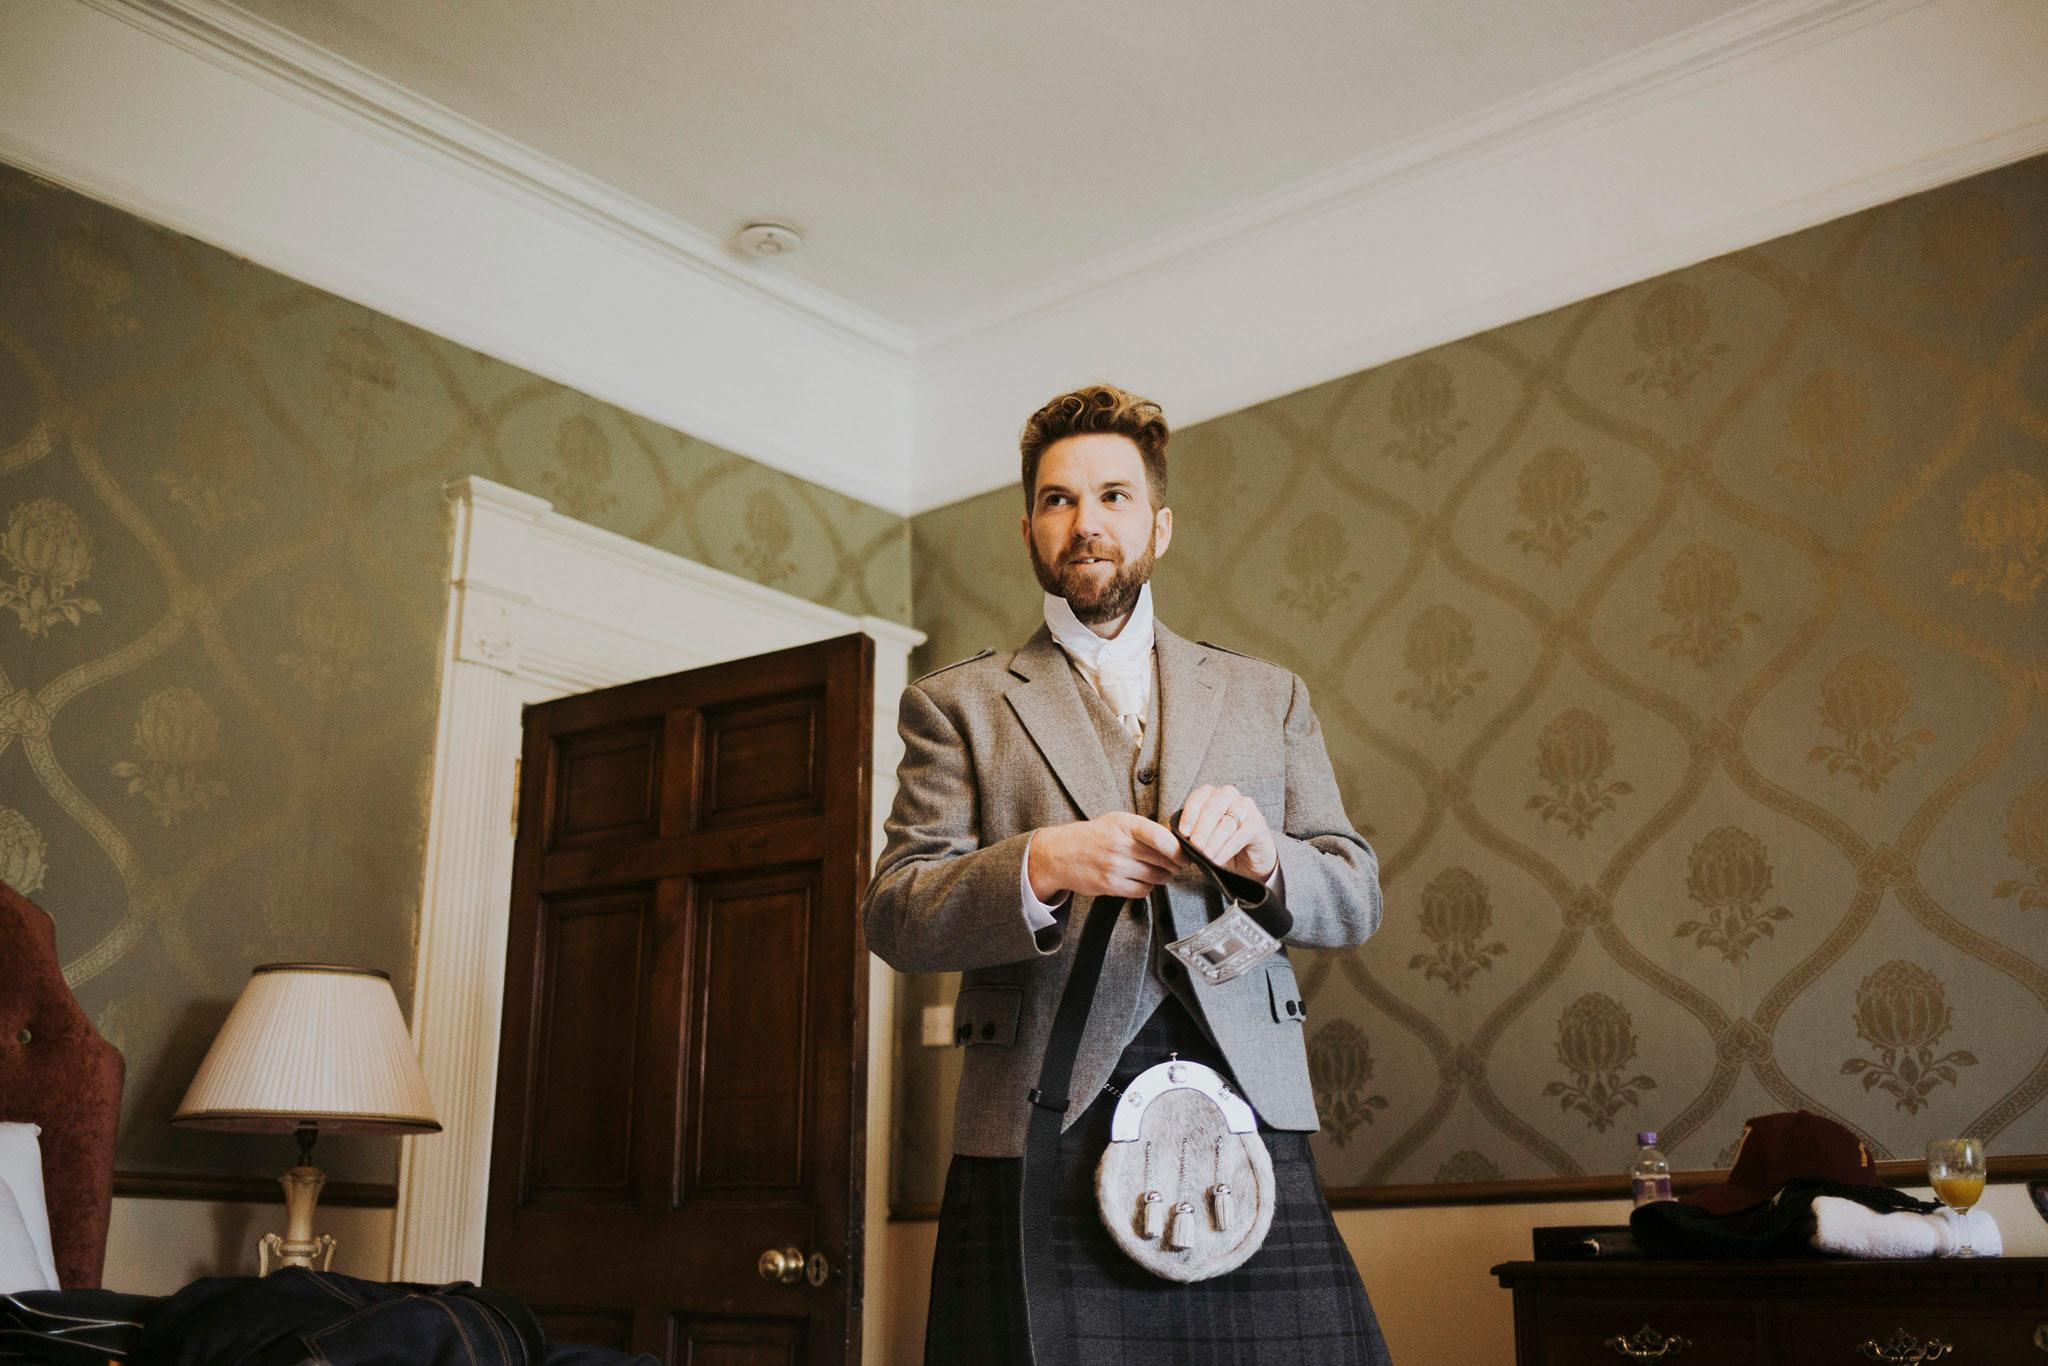 scotland-wedding-elopement-photographer-022.jpg